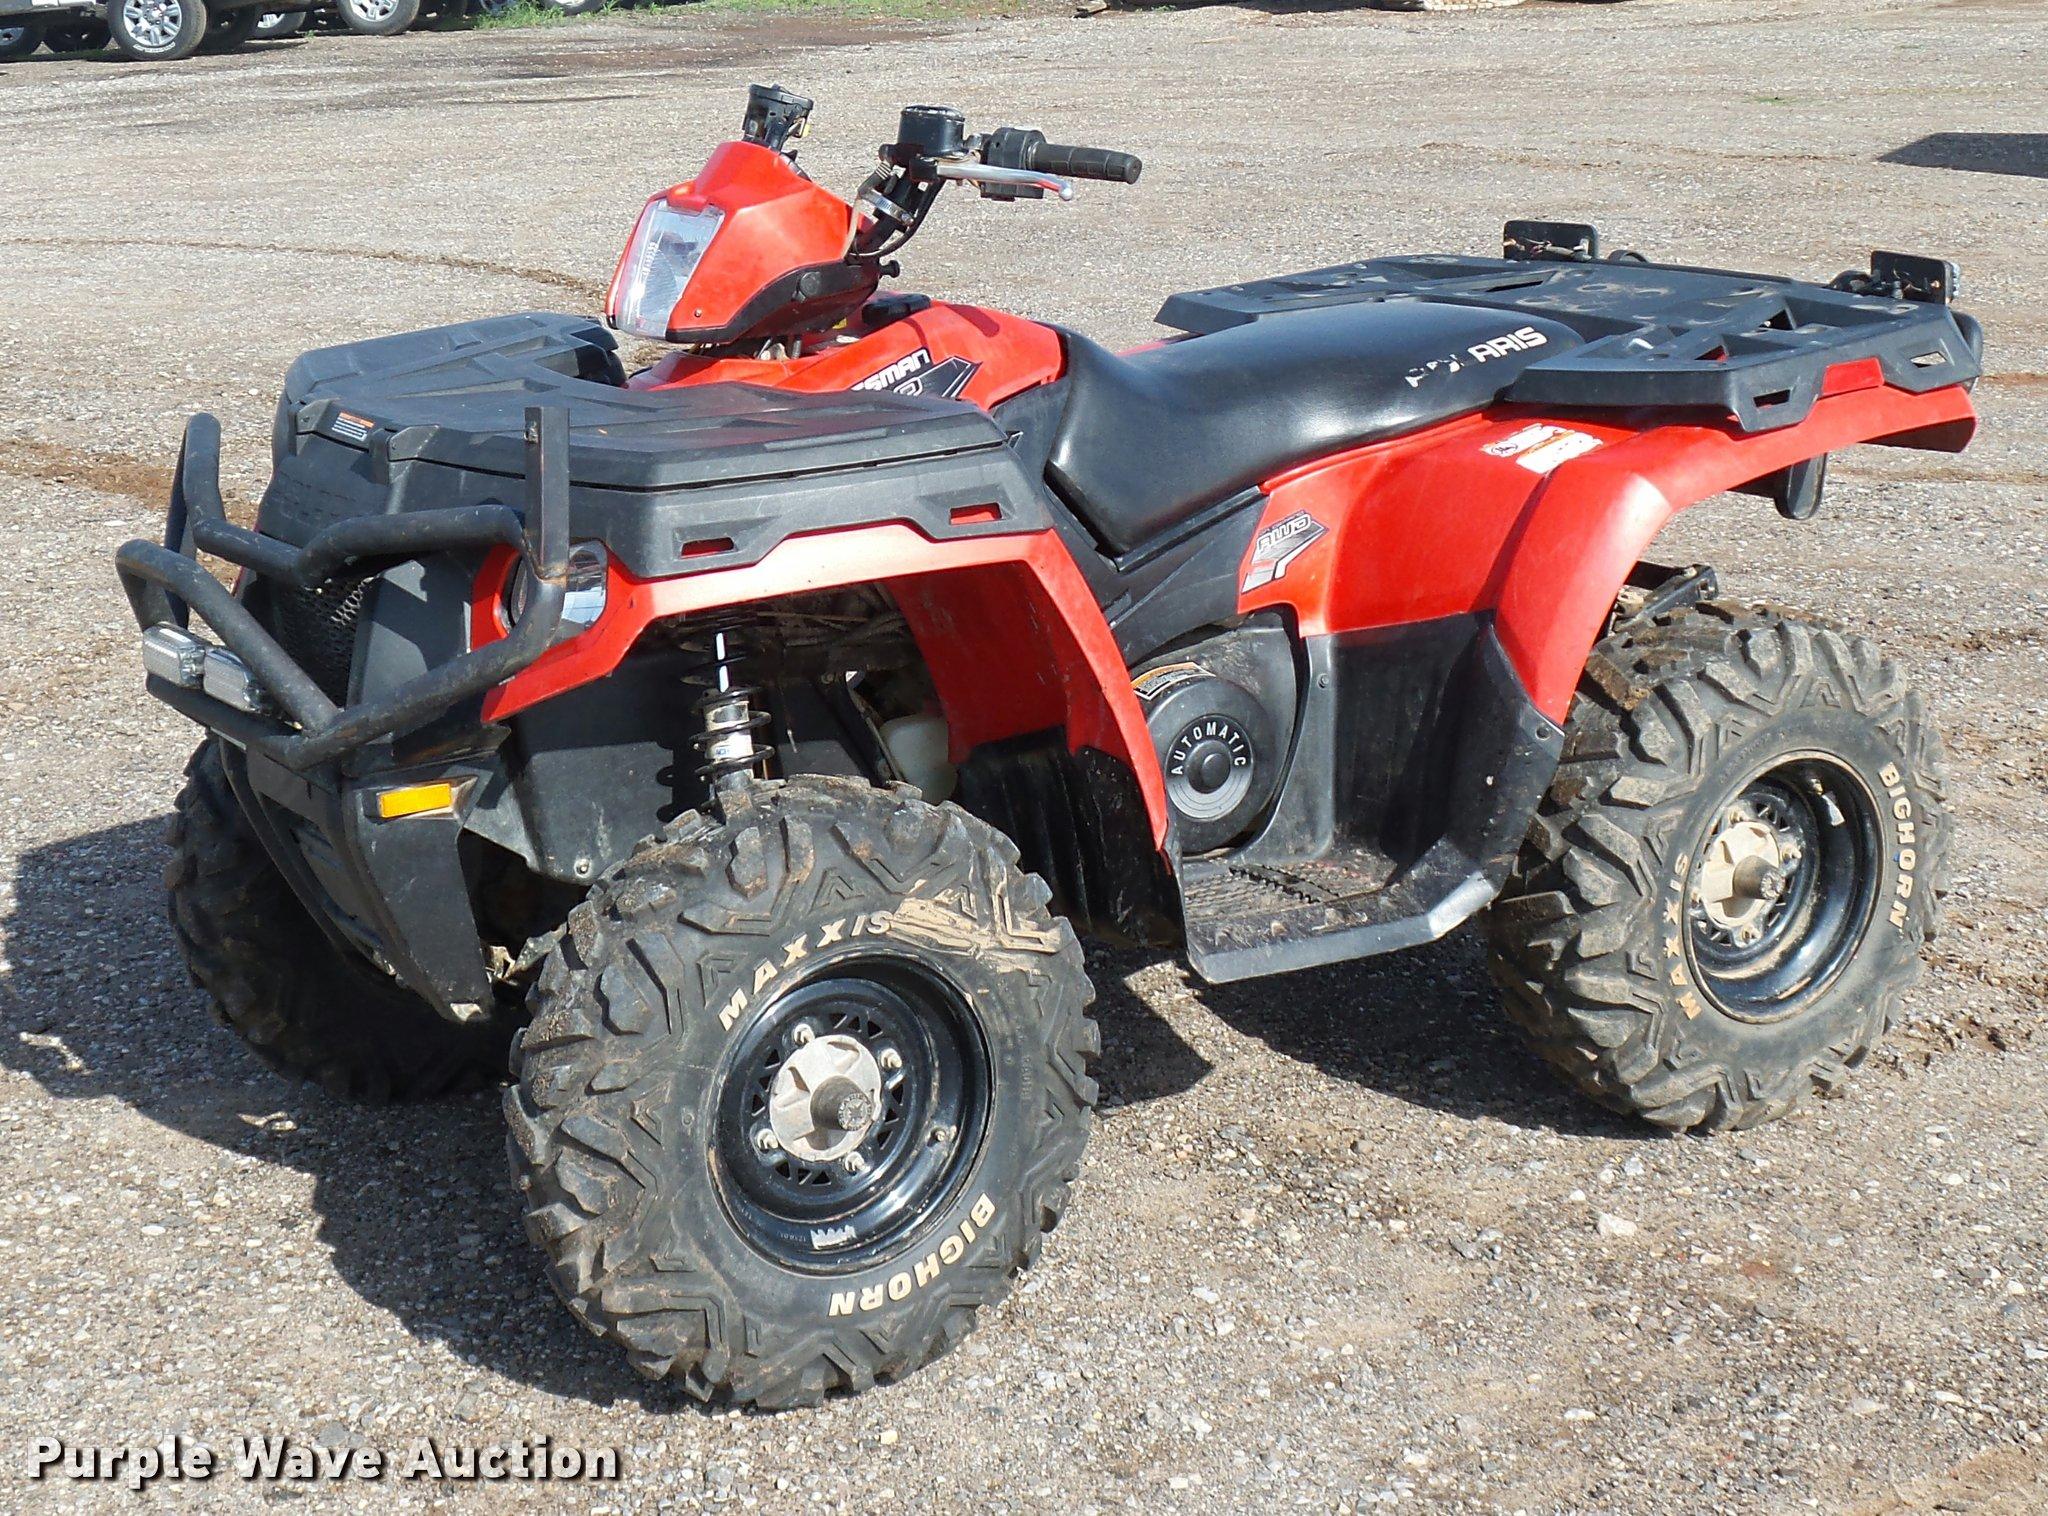 2011 Polaris Sportsman 500 ATV | Item DB0221 | SOLD! May 24